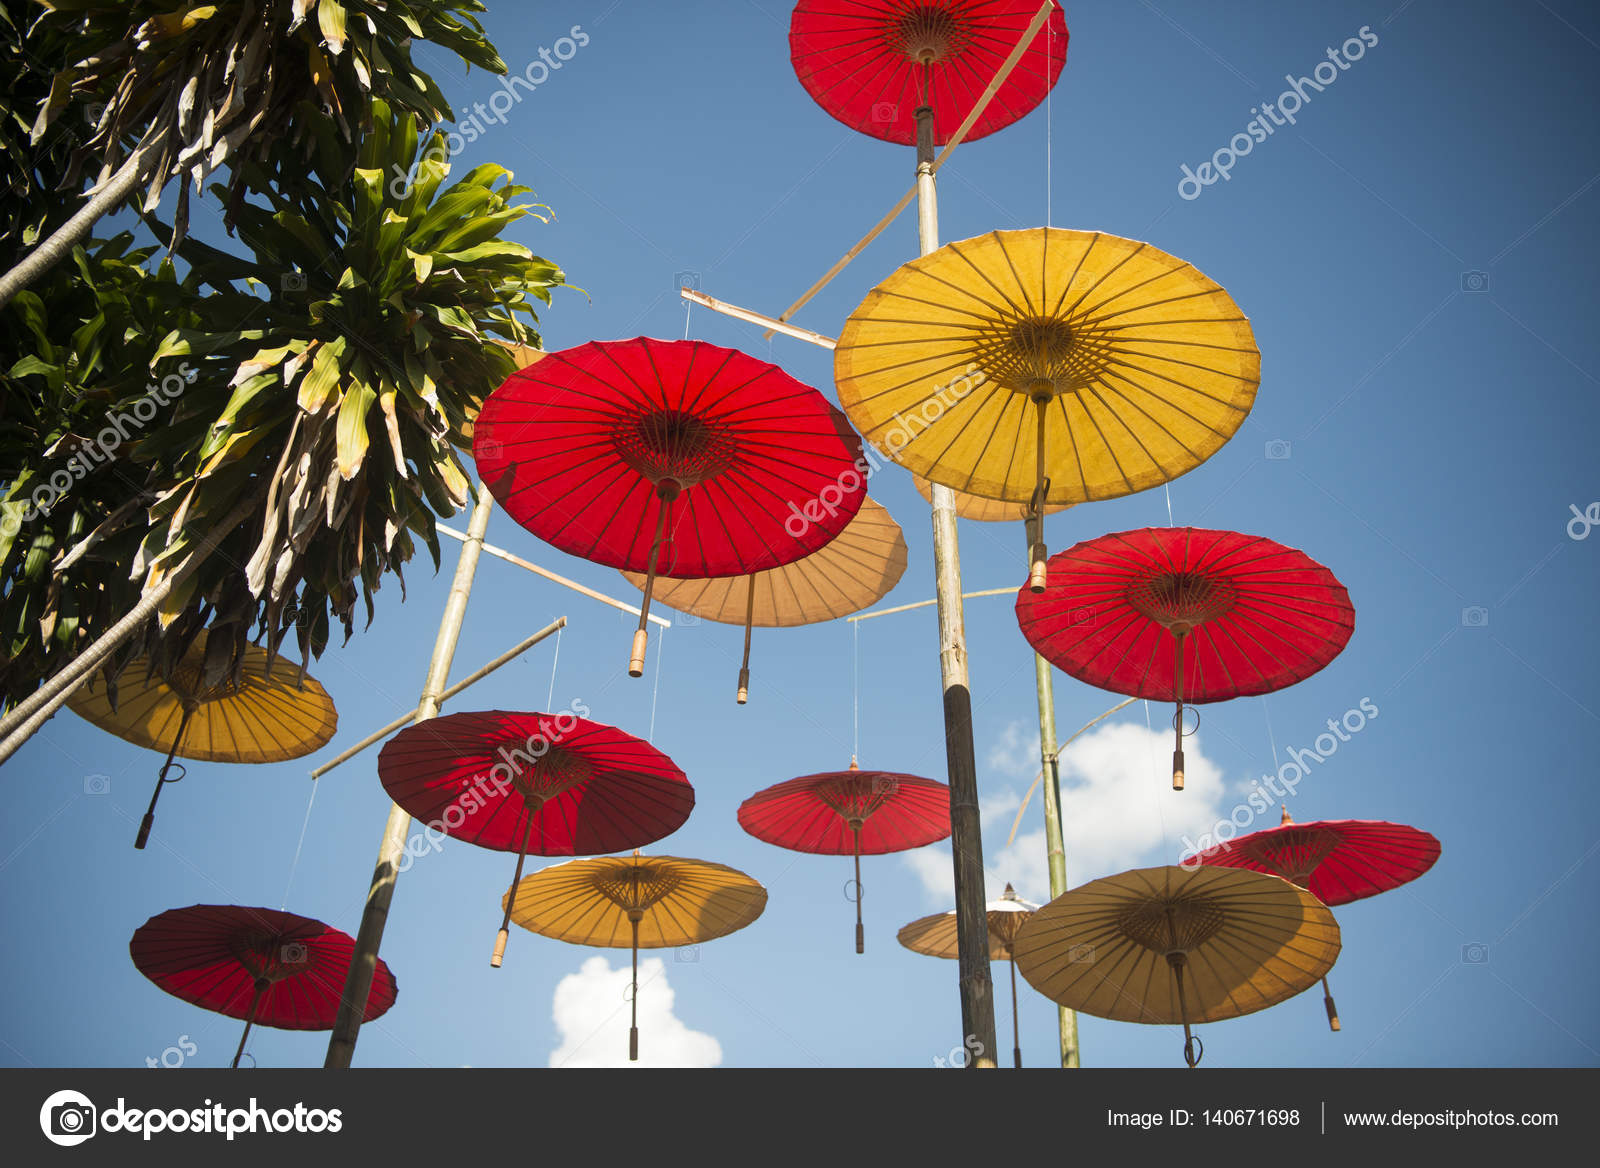 Asiatische Sonnenschirme asiatische sonnenschirme in stockfoto urf 140671698